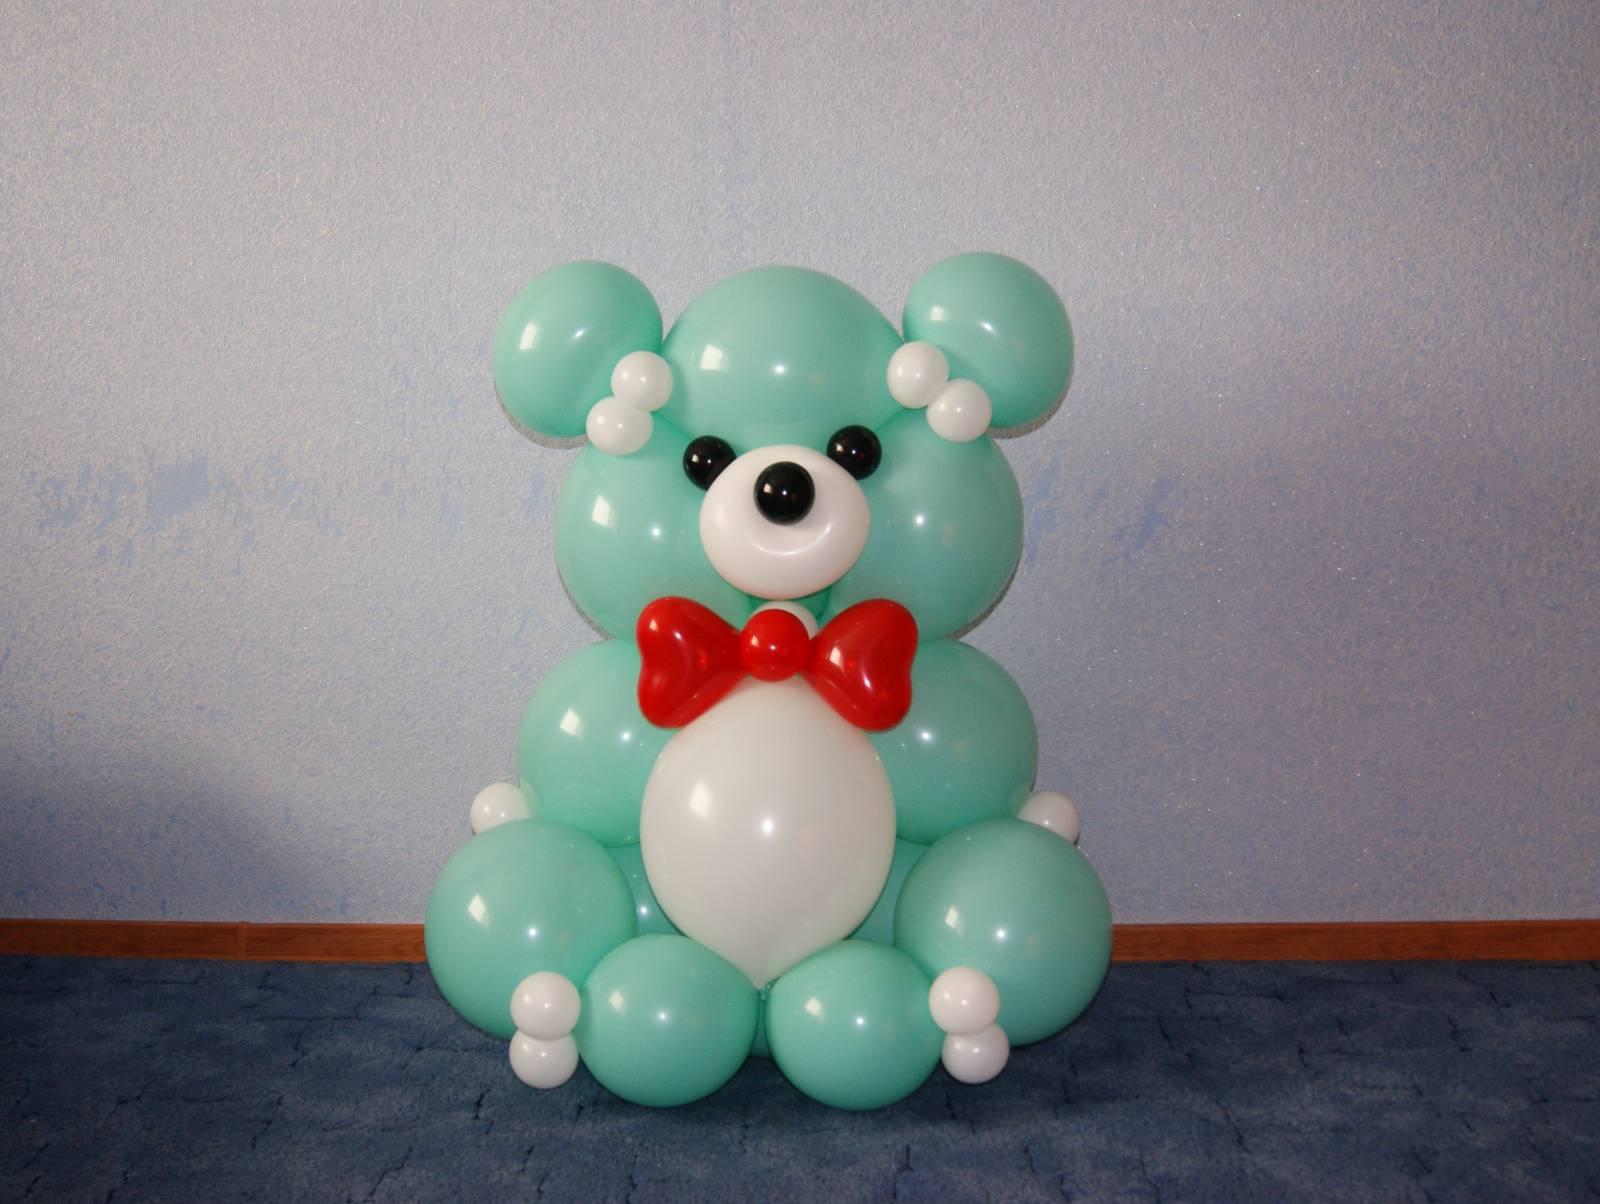 МК Медвежонок из воздушных шаров Страна Мастеров